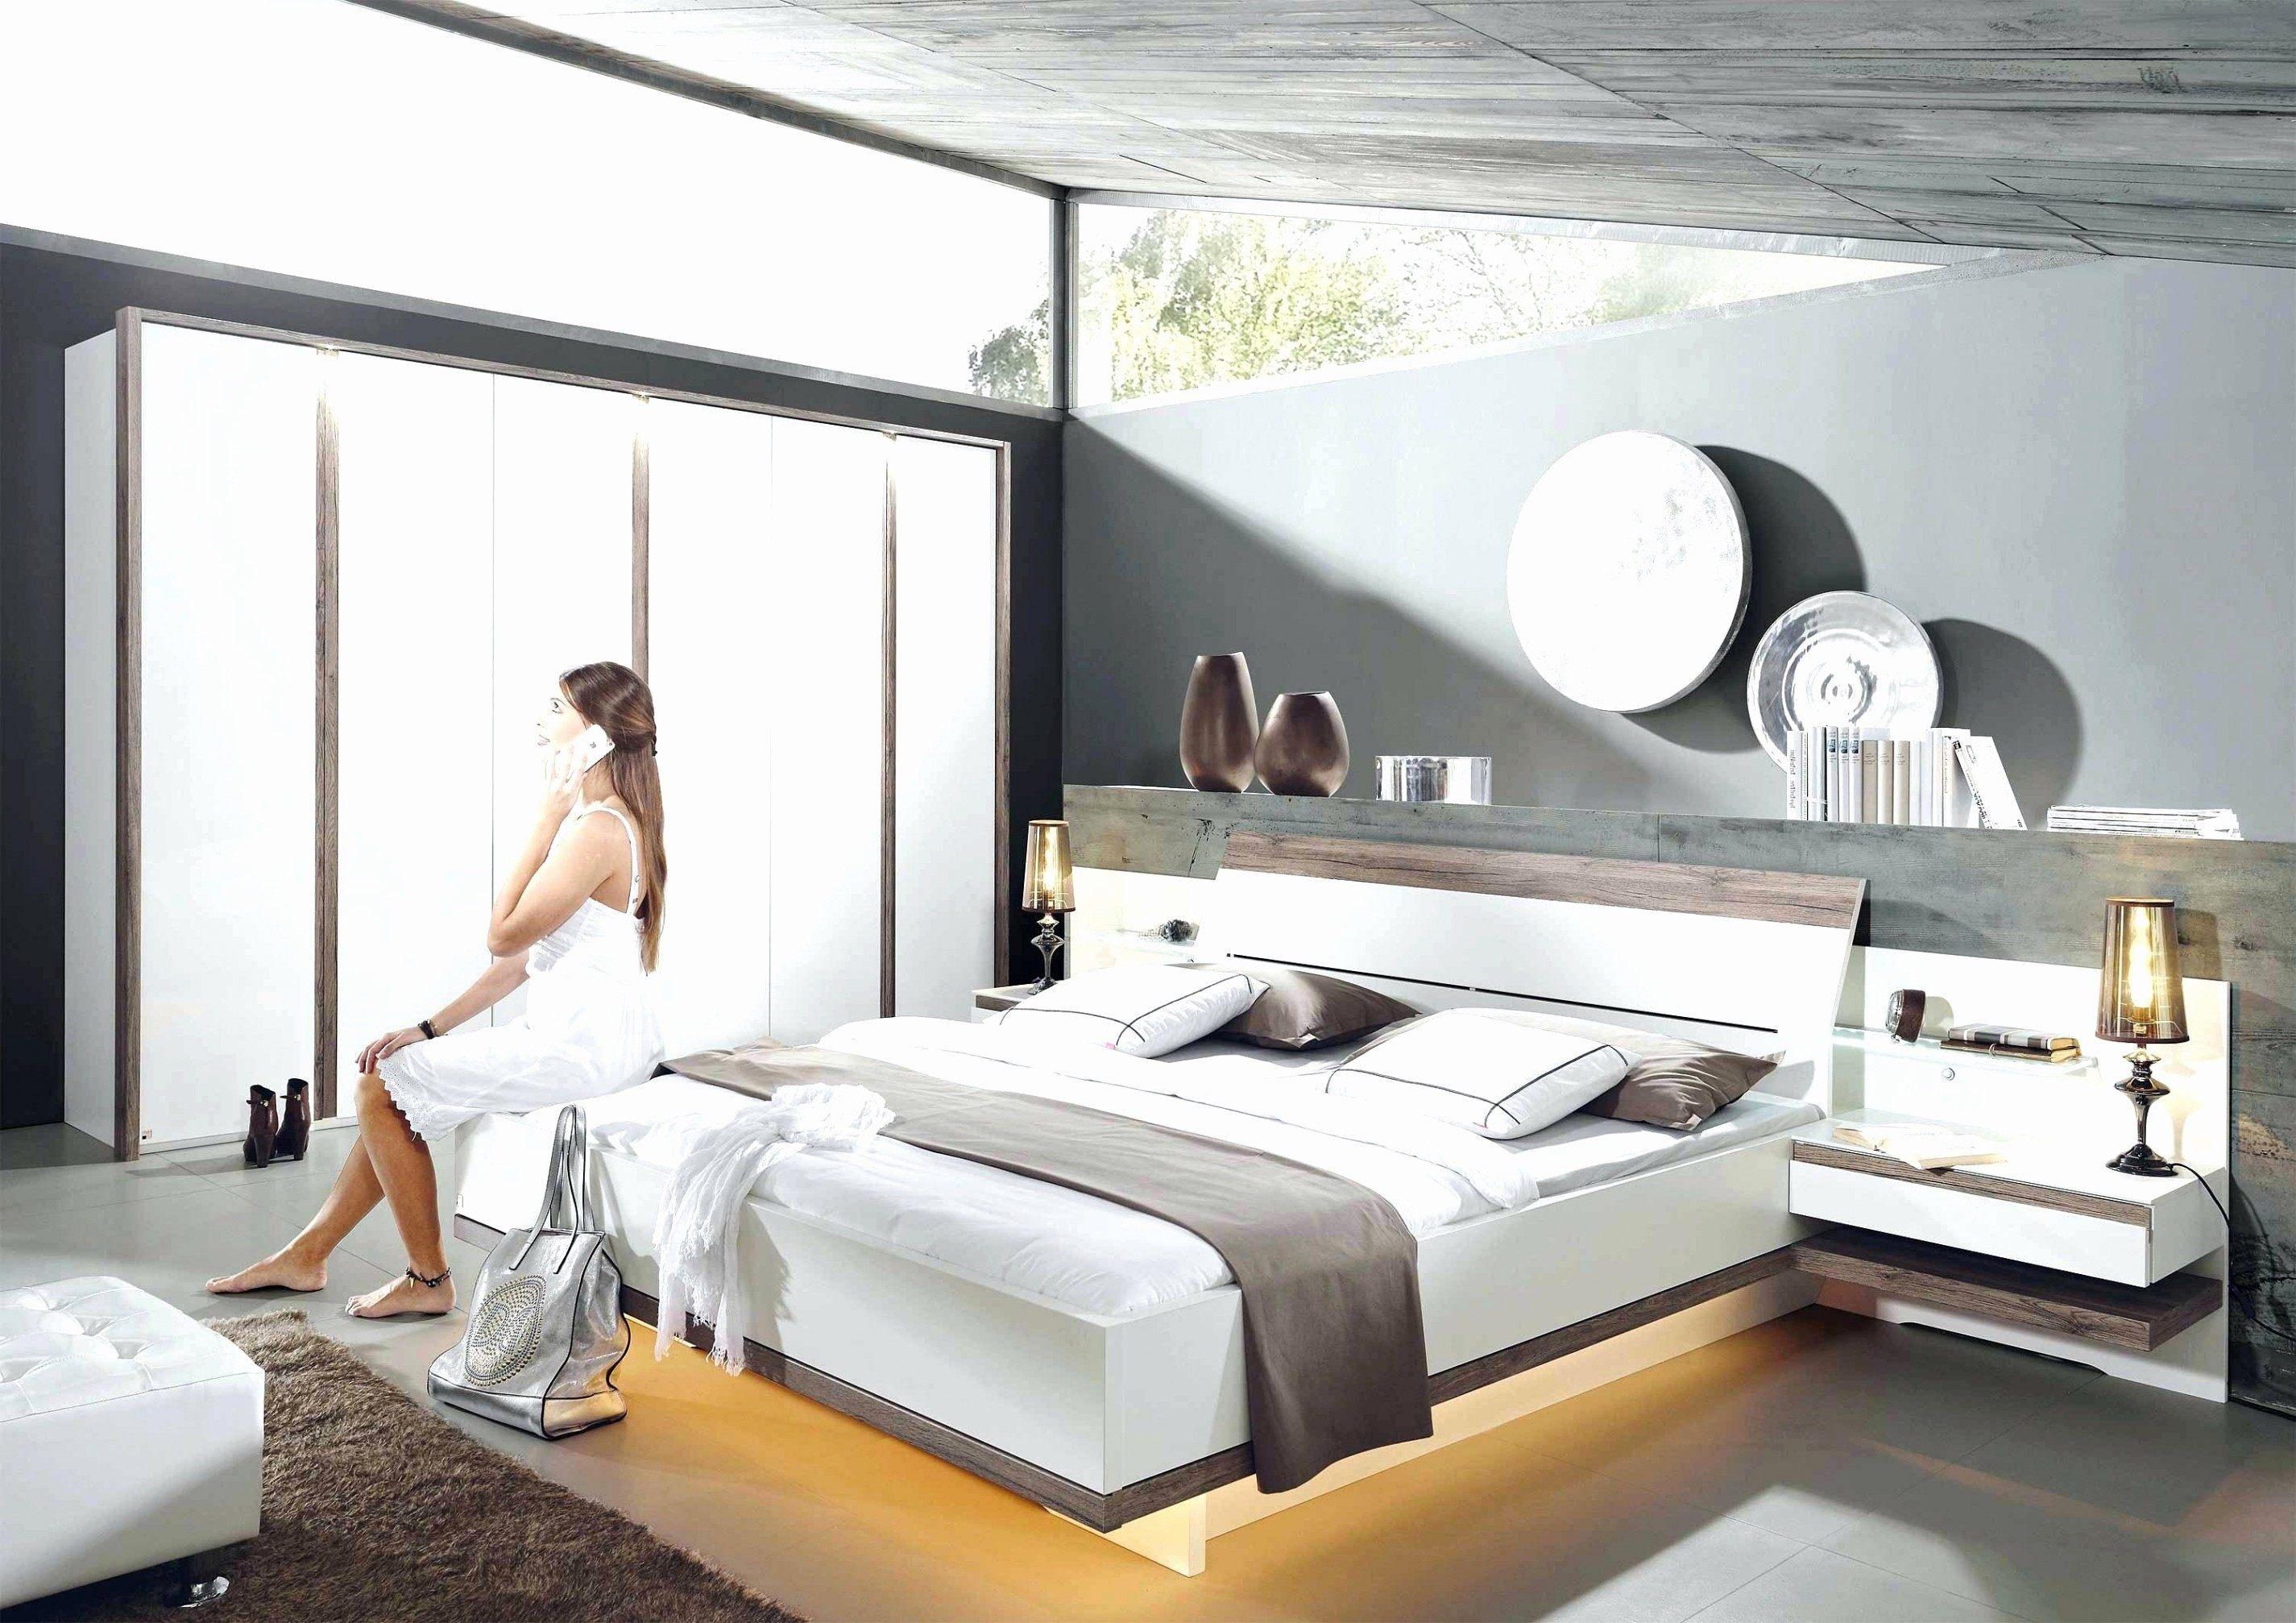 Lit En Bois 160×200 Le Luxe Lit Design 160—200 Prodigous Image Tate De Lit Bois Ikea Lit 160—200